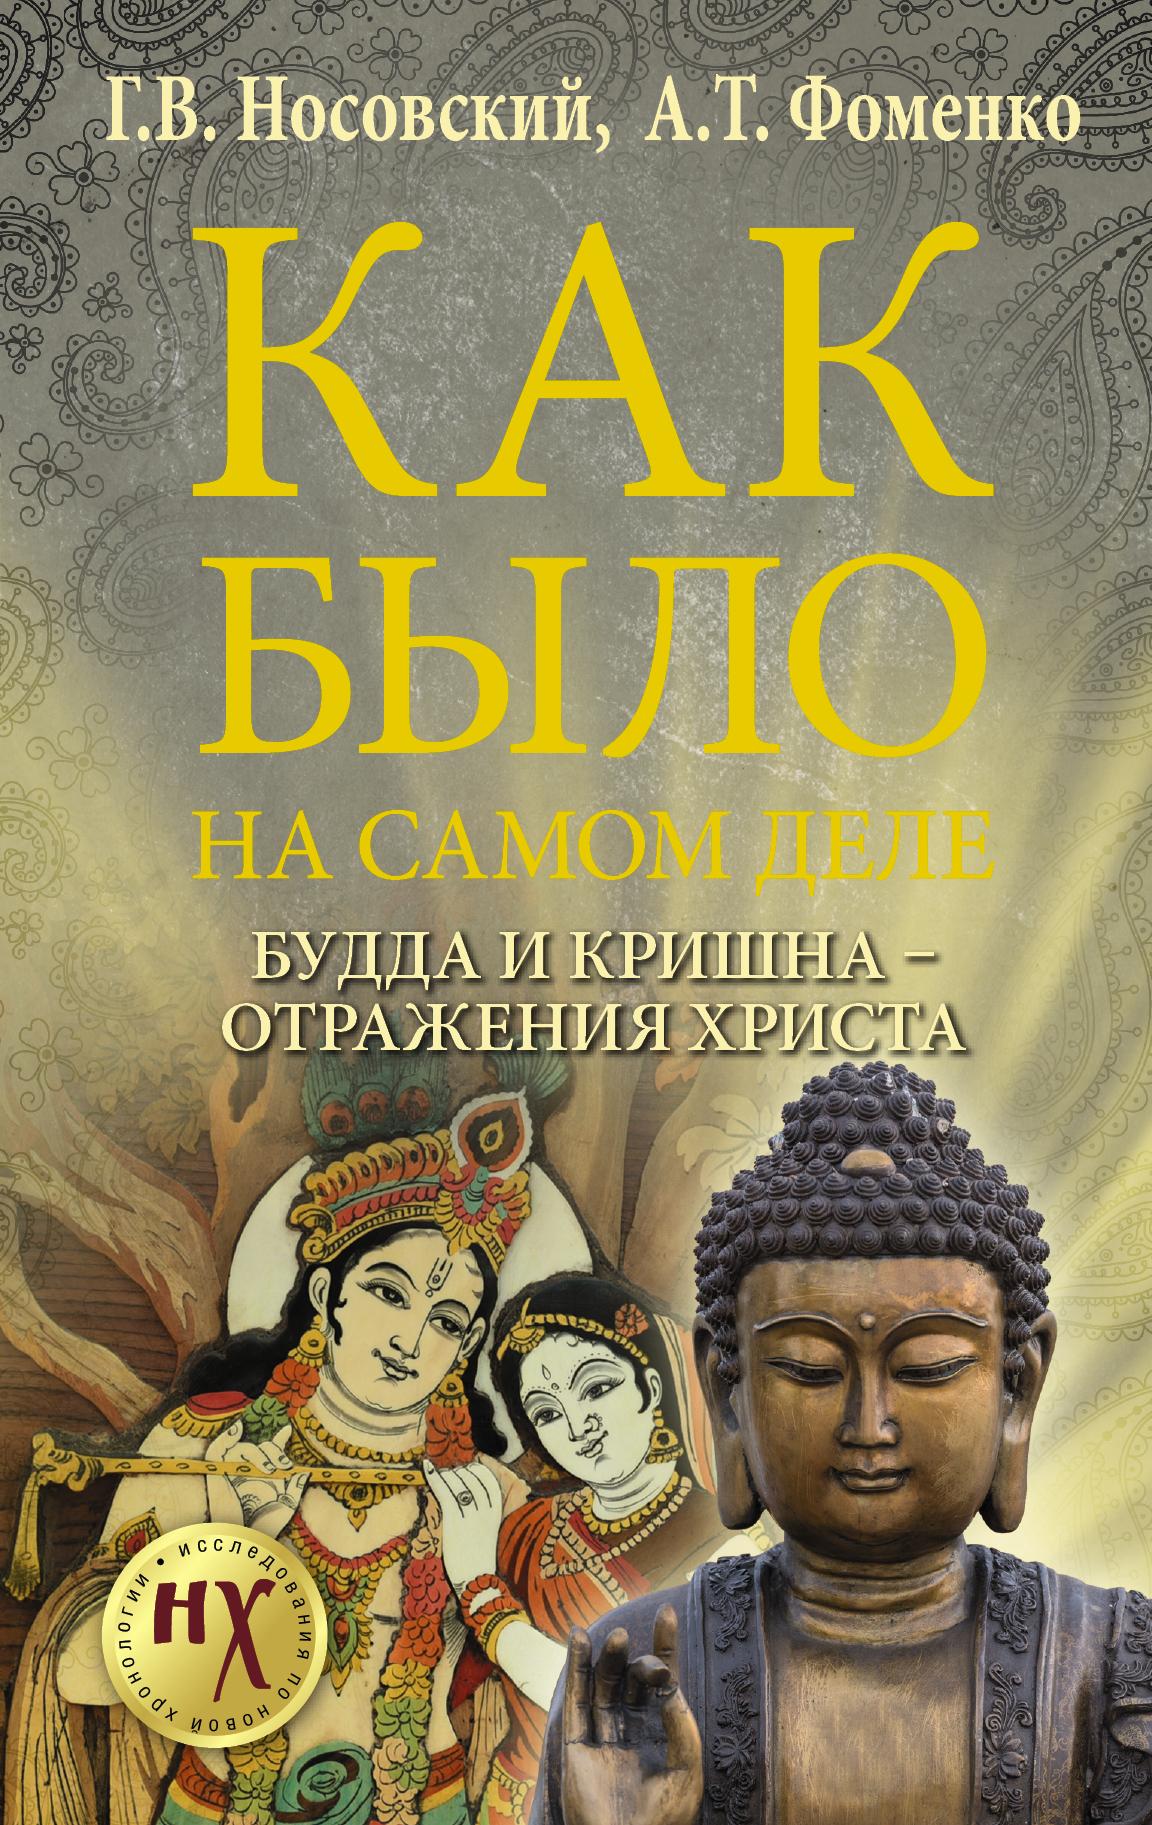 Будда и Кришна - отражения Христа ( Носовский Г.В., Фоменко А.Т.  )